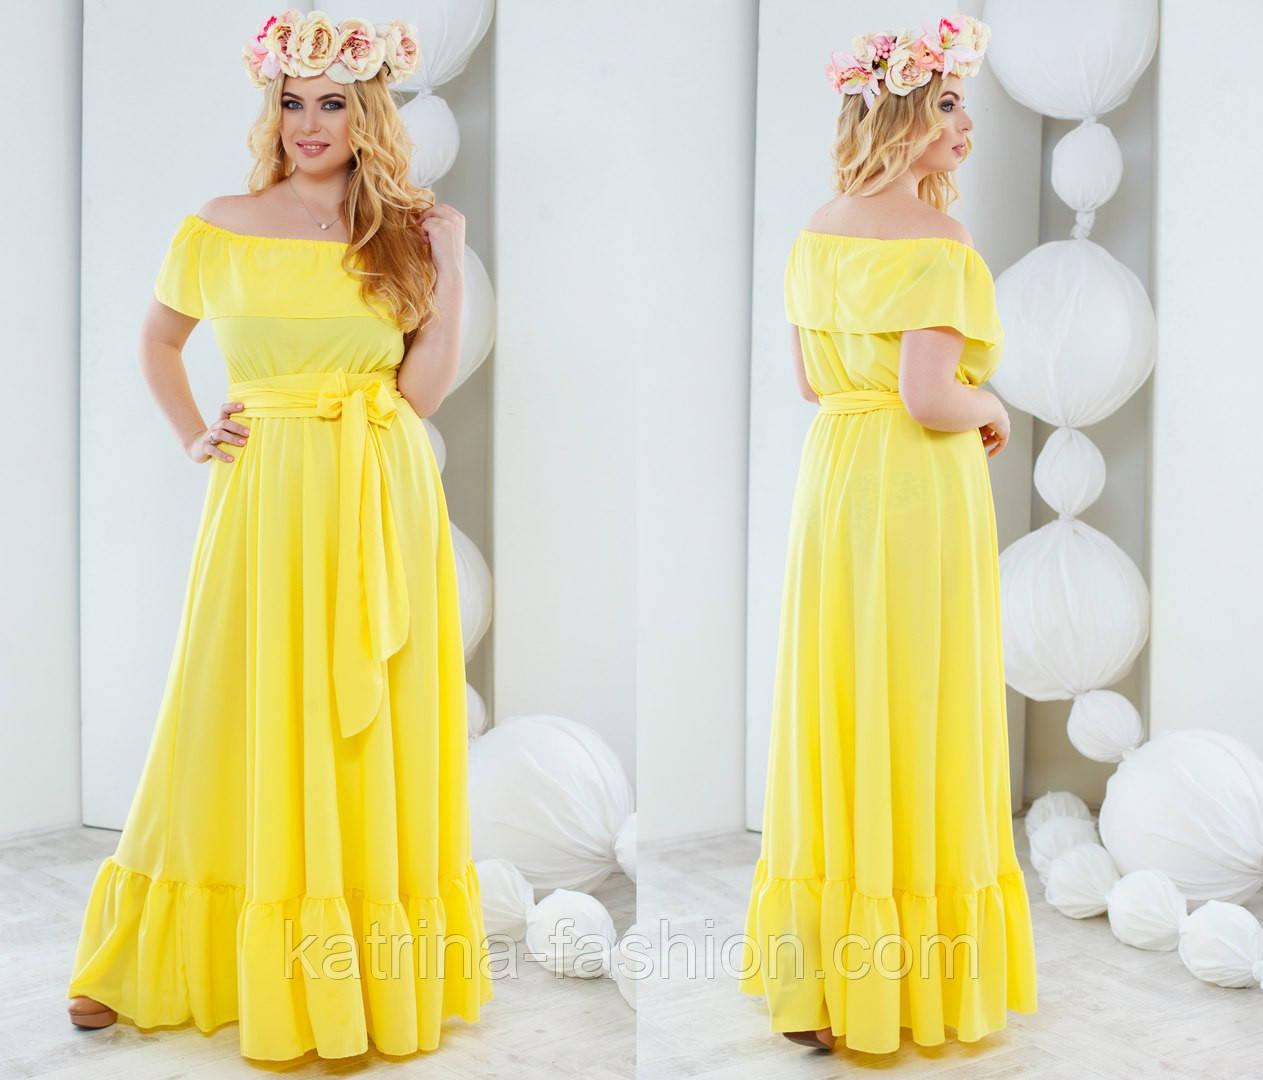 c6bf2fe79d4c Женское модное платье в пол с воланом и баской (5 цветов) - KATRINA FASHION